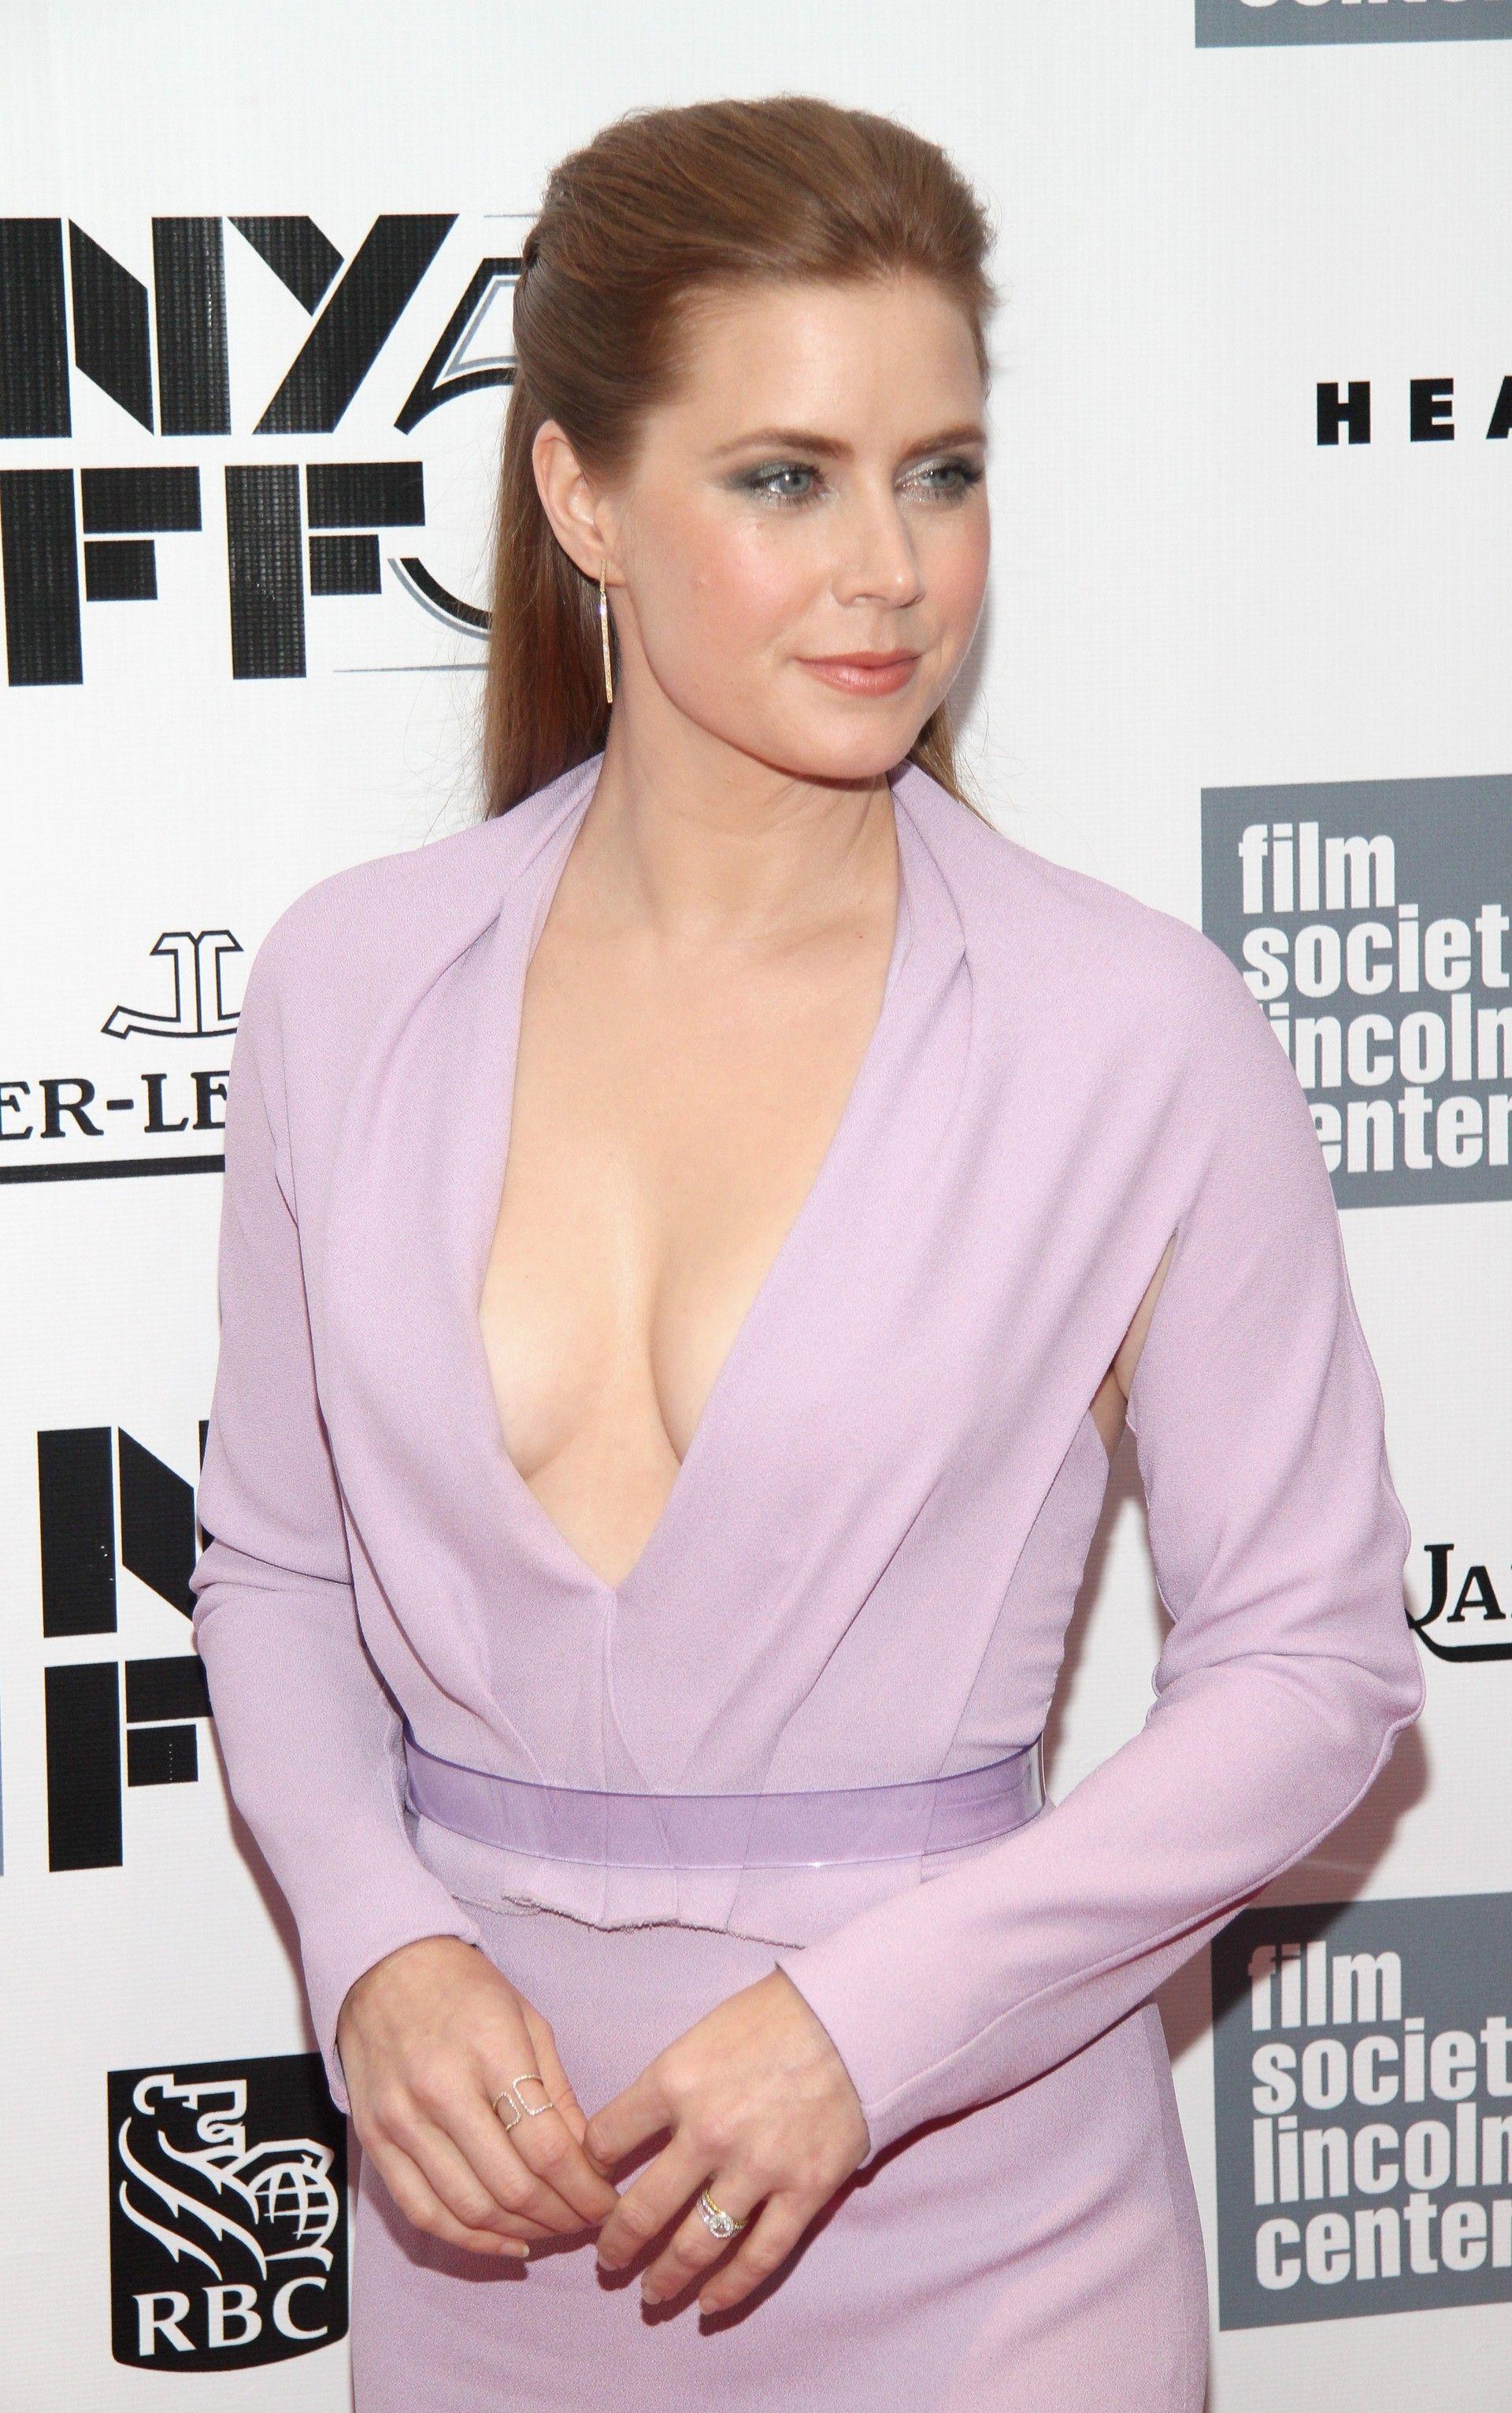 Eca! Vestido de Amy Adams deixa à mostra pelos embaixo do braço ...